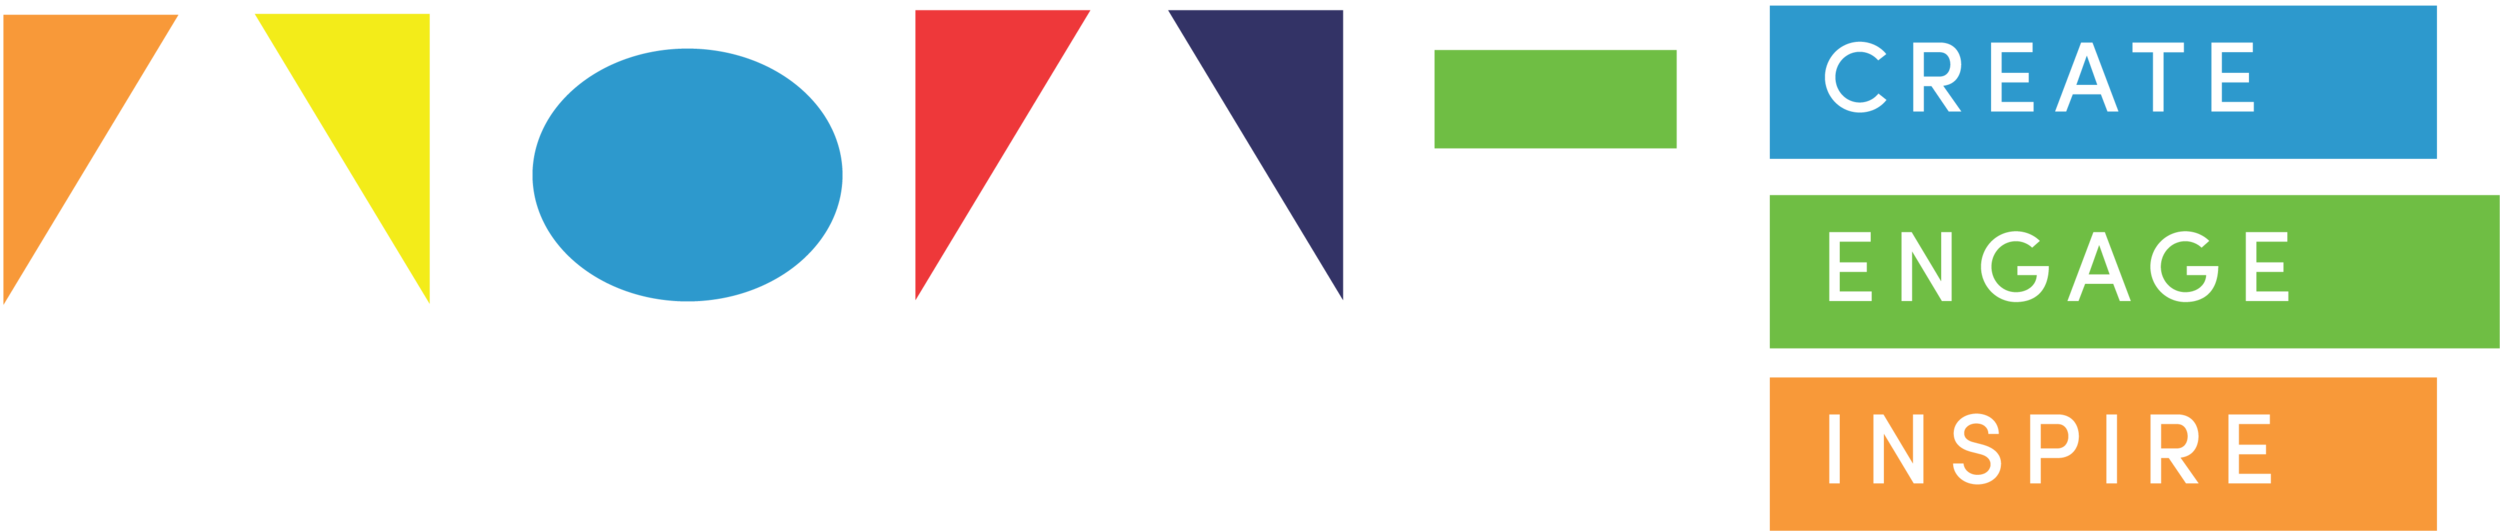 ACAF-Logo+Tagline-Full Color White.png